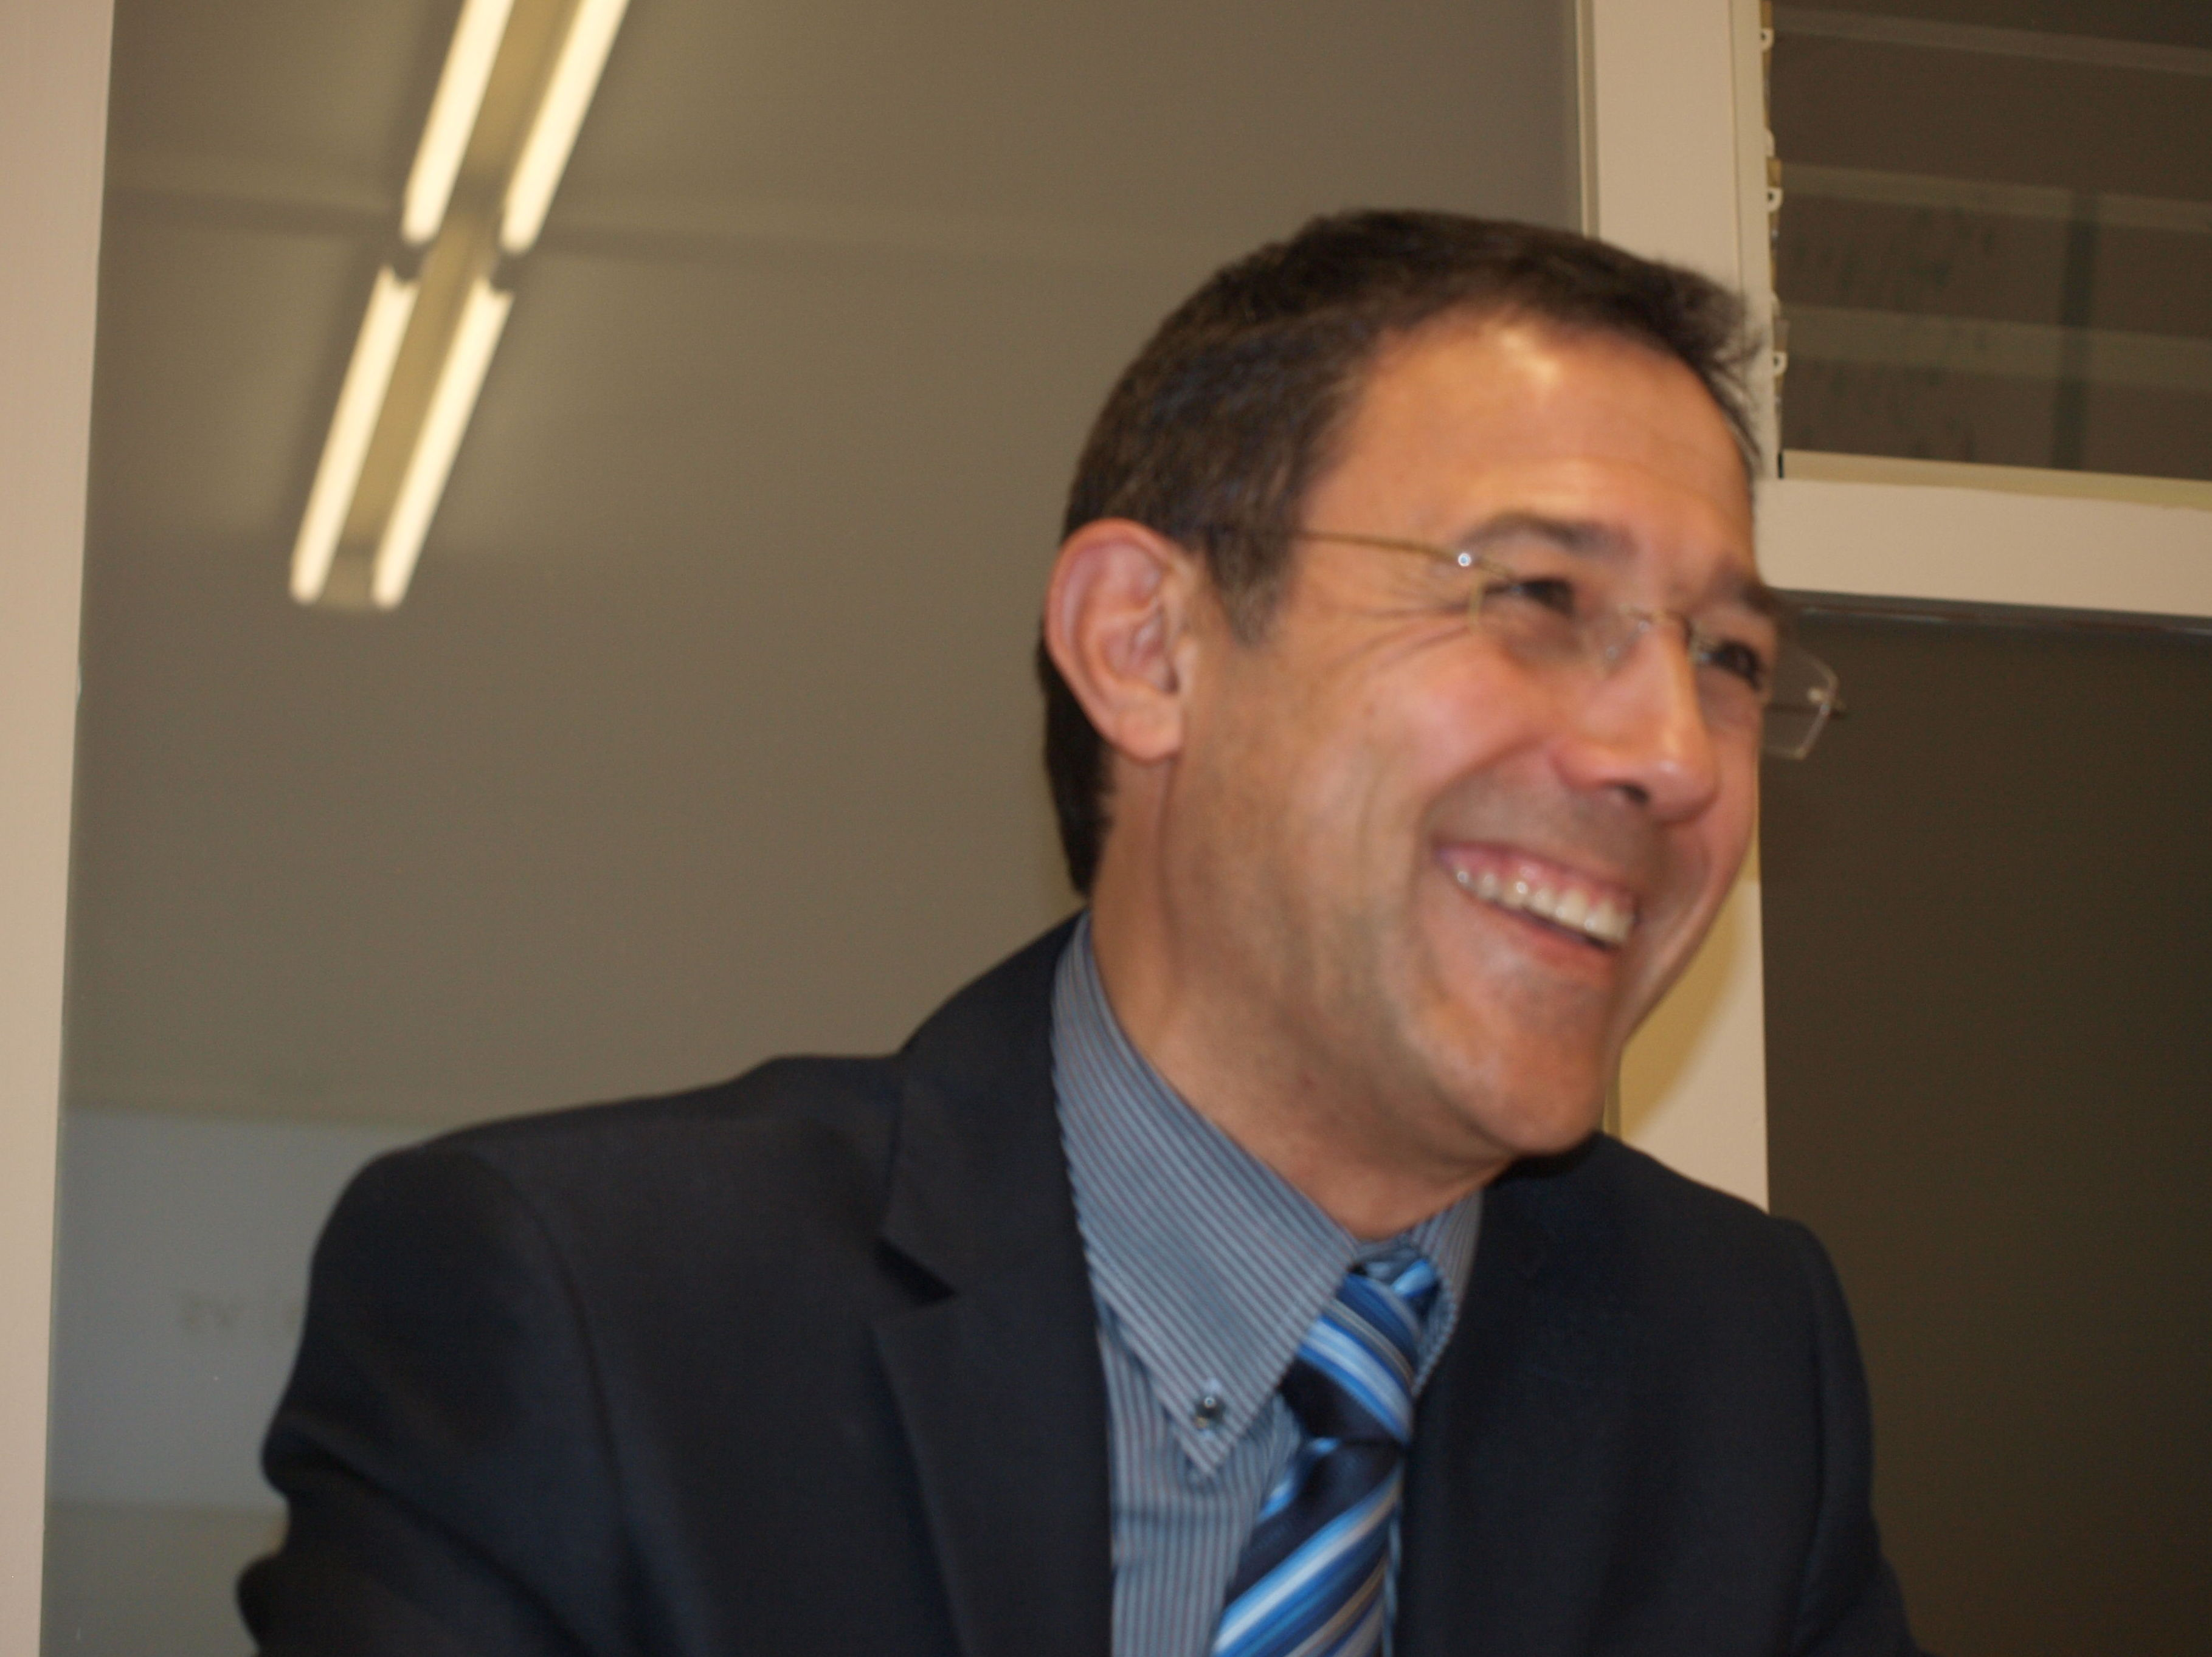 Abogado Jordi Carítico. Passeig Maragall 184. Barcelona